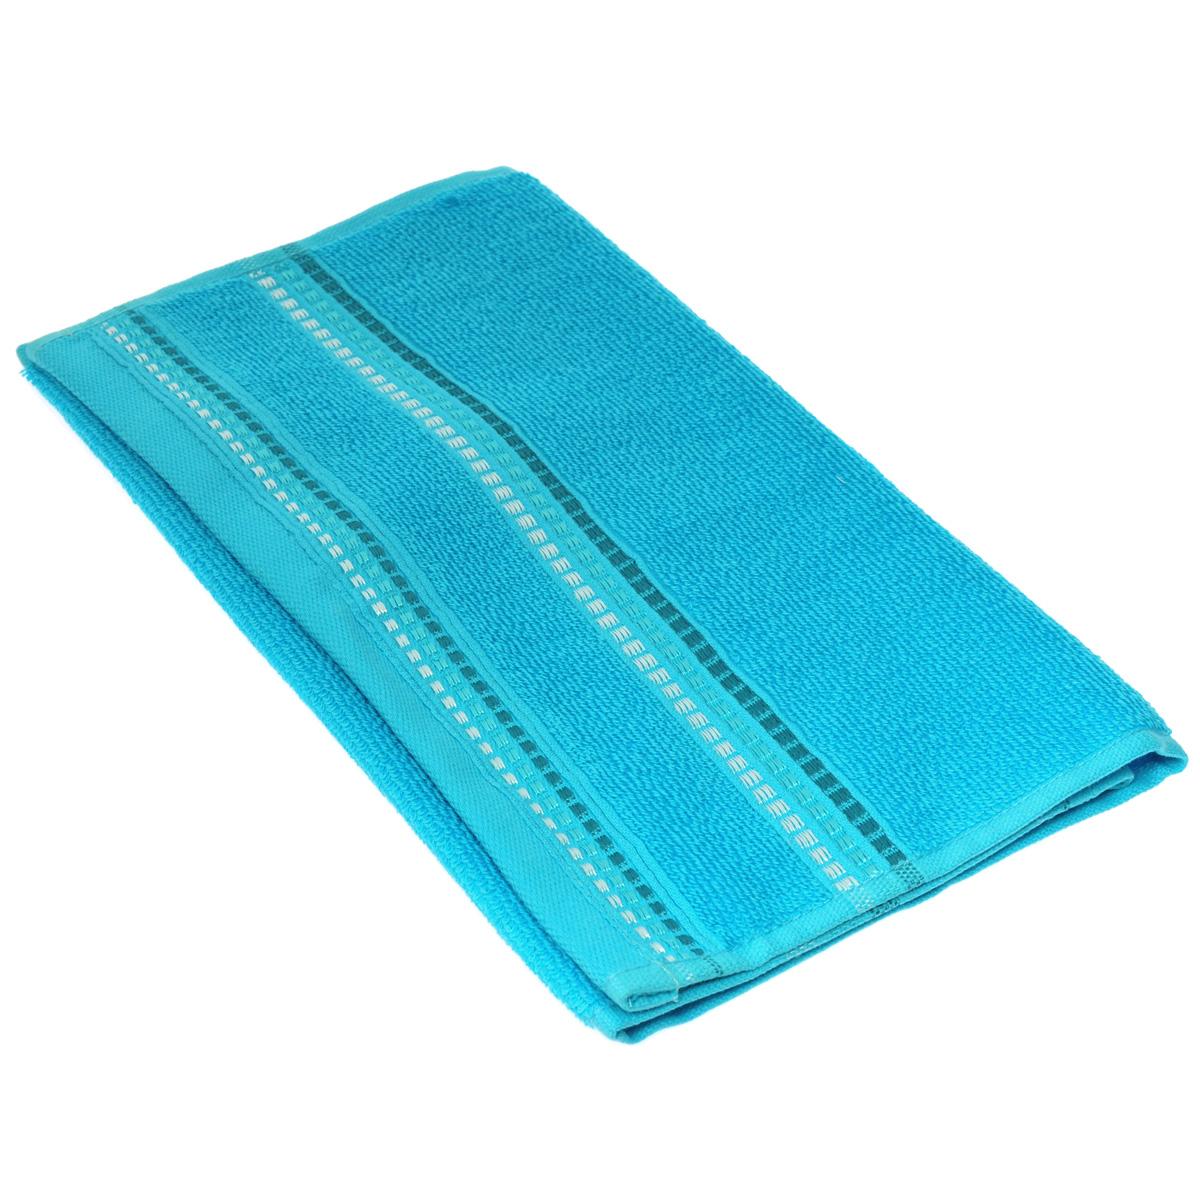 Полотенце махровое Coronet Пиано, цвет: бирюзовый, 30 х 50 смБ-МП-2020-08-04Махровое полотенце Coronet Пиано, изготовленное из натурального хлопка, подарит массу положительных эмоций и приятных ощущений. Полотенце отличается нежностью и мягкостью материала, утонченным дизайном и превосходным качеством. Оно прекрасно впитывает влагу, быстро сохнет и не теряет своих свойств после многократных стирок. Махровое полотенце Coronet Пиано станет достойным выбором для вас и приятным подарком для ваших близких. Мягкость и высокое качество материала, из которого изготовлены полотенца не оставит вас равнодушными.